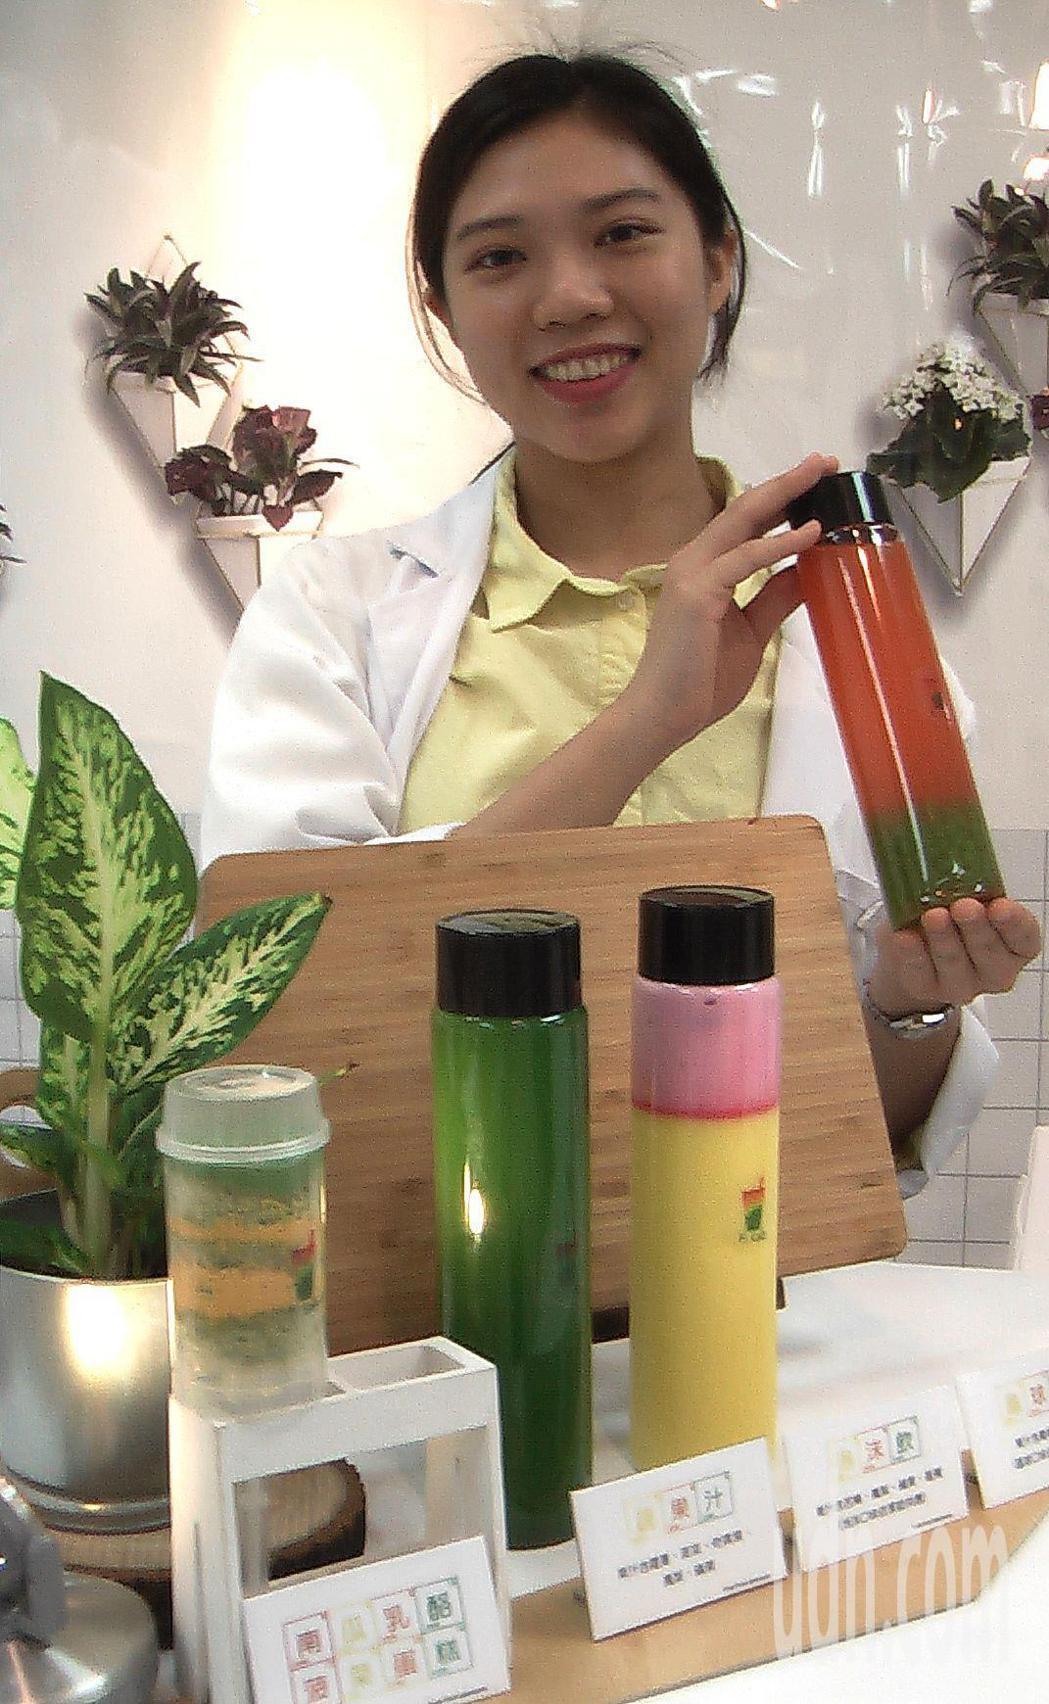 「鮮果。試F2 Lab」是充滿實驗室風格的蔬果飲品潮店。記者徐如宜/攝影